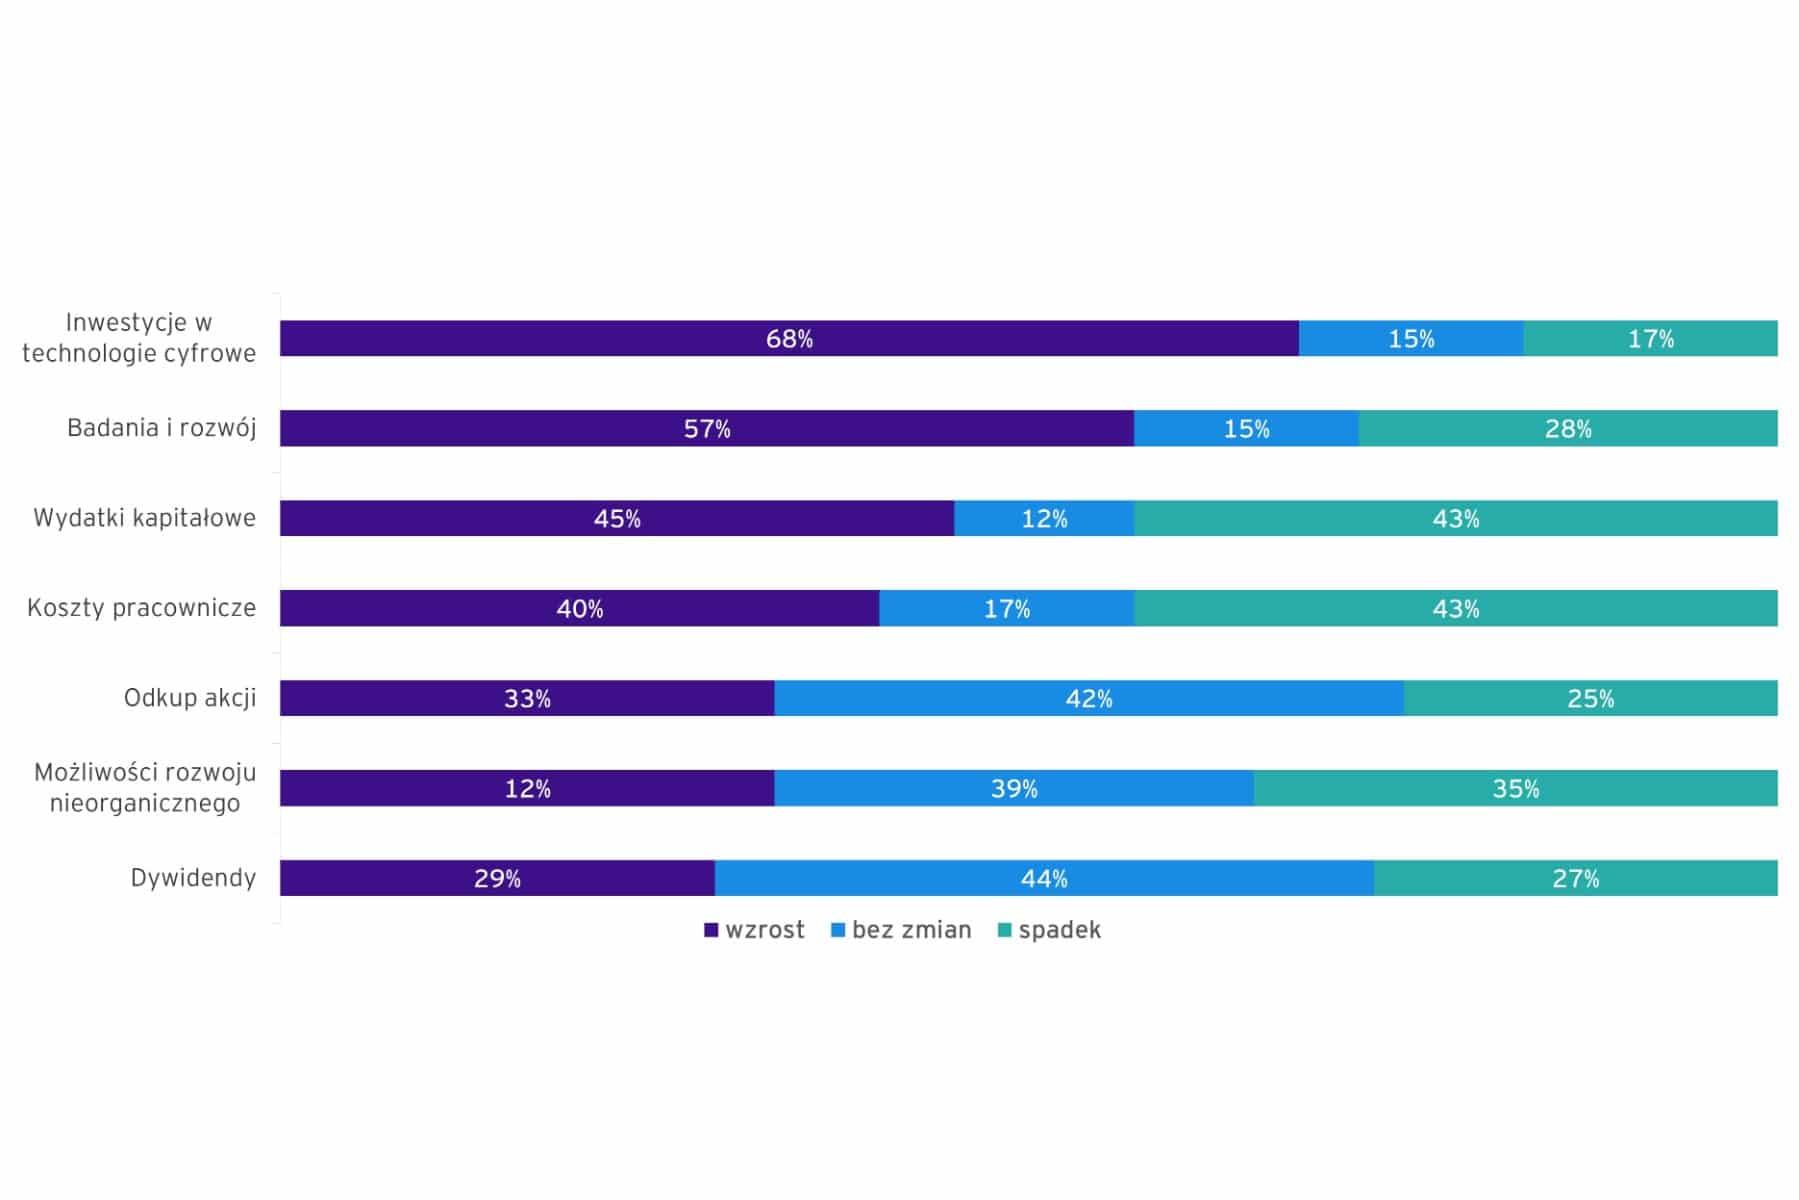 Zmiany alokacji kapitału w 2020 roku w porównaniu do 2019 w poszczególnych obszarach